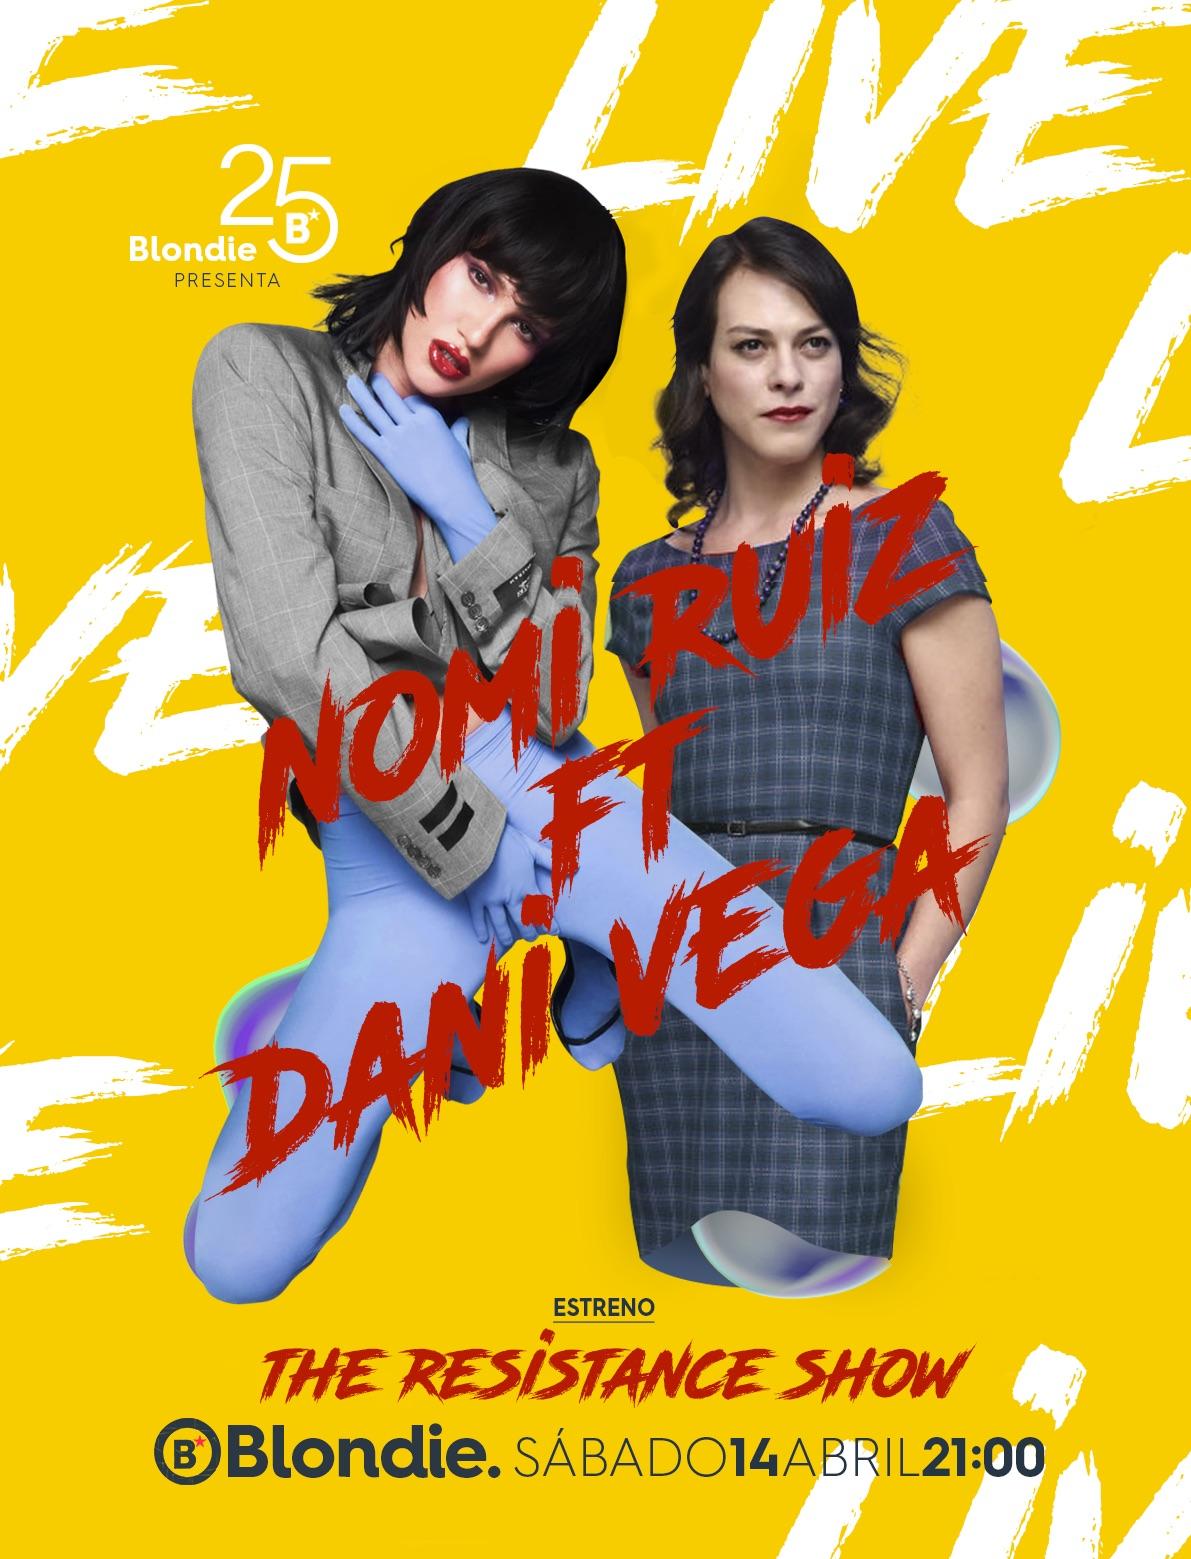 El afiche del show.